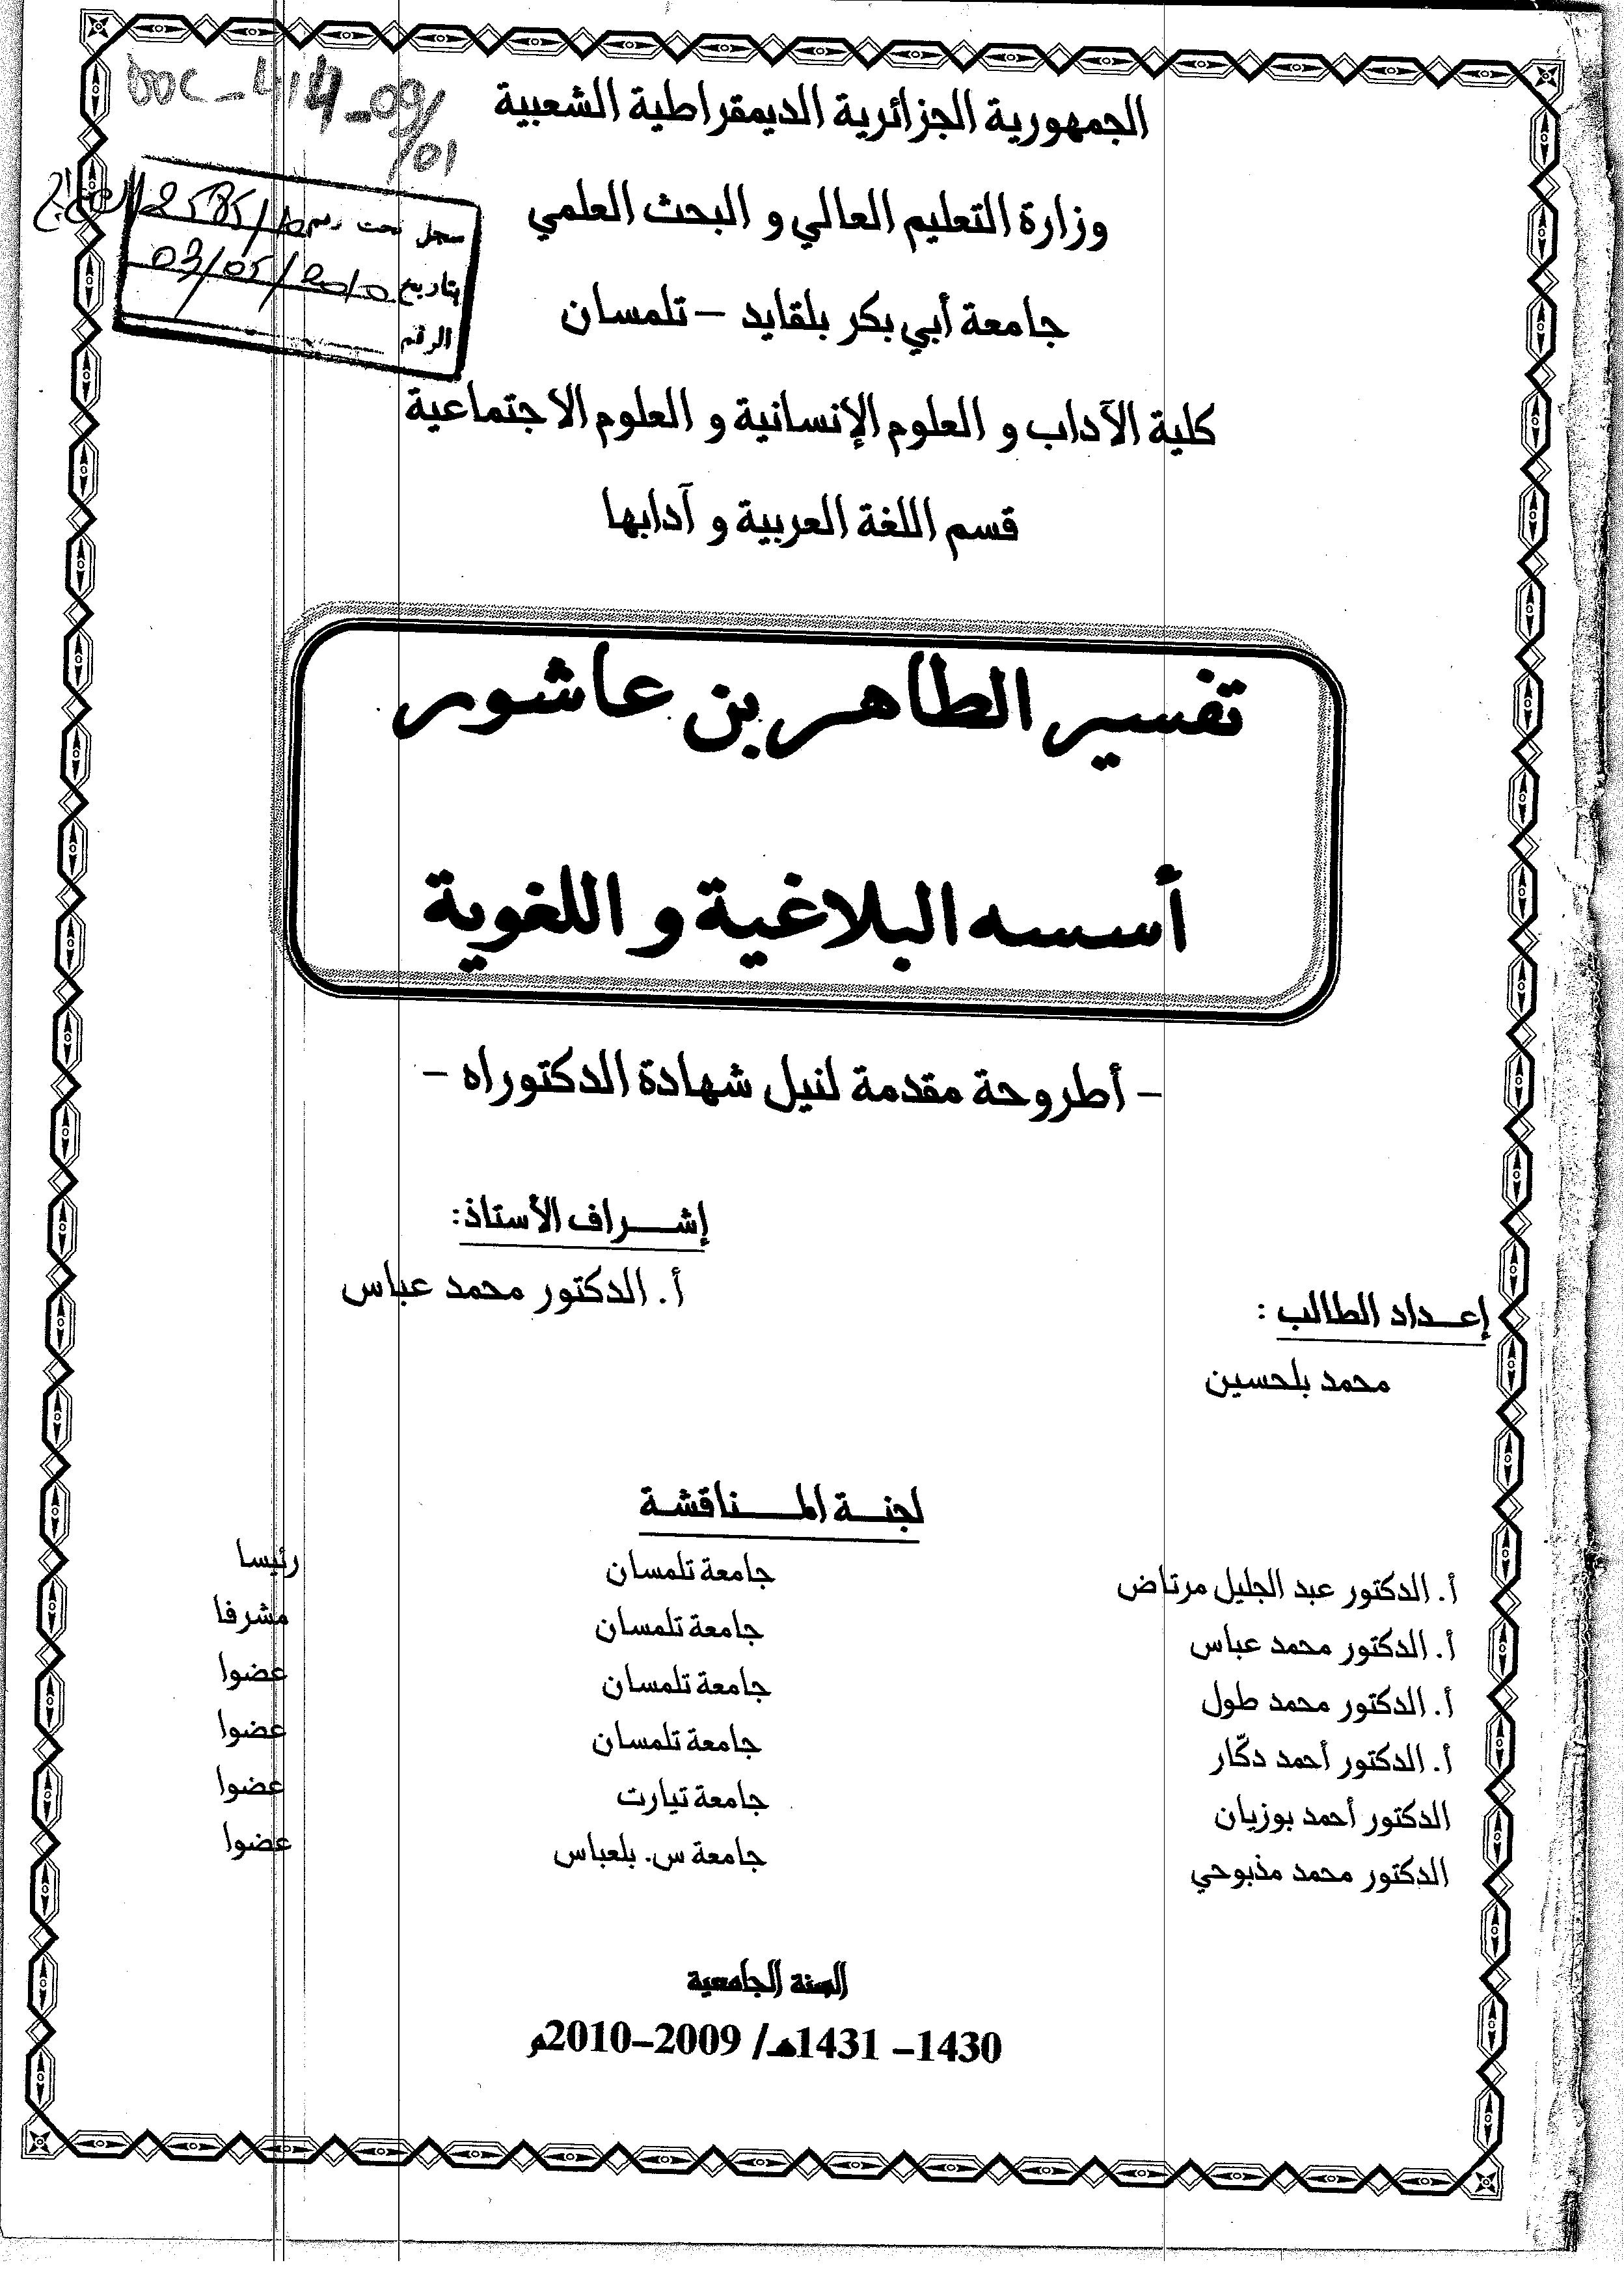 تحميل كتاب تفسير الطاهر بن عاشور: أسسه البلاغية واللغوية لـِ: الدكتور محمد بلحسين